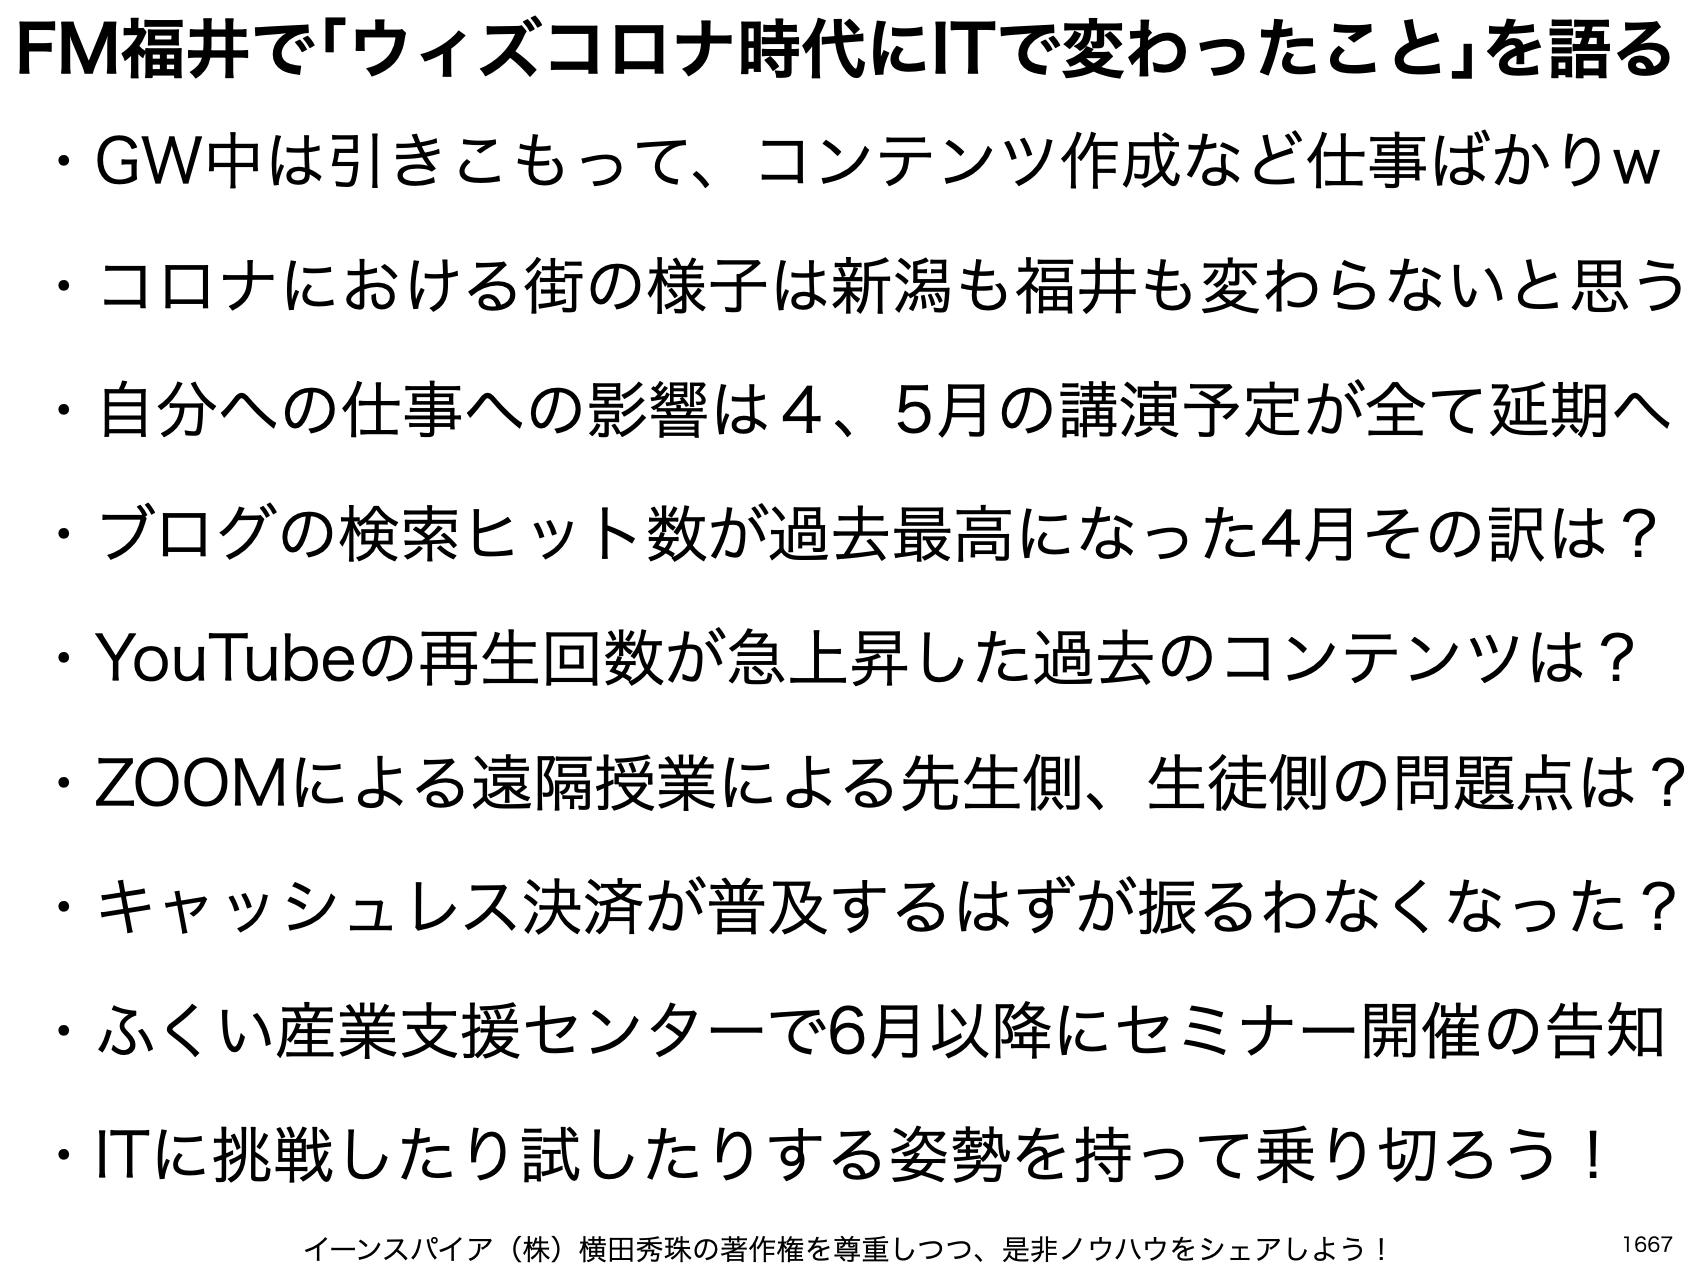 2020.5.8 FM福井「Morning Tune(モーニングチューン)」にラジオ出演し「ウィズコロナ時代のIT」について語る